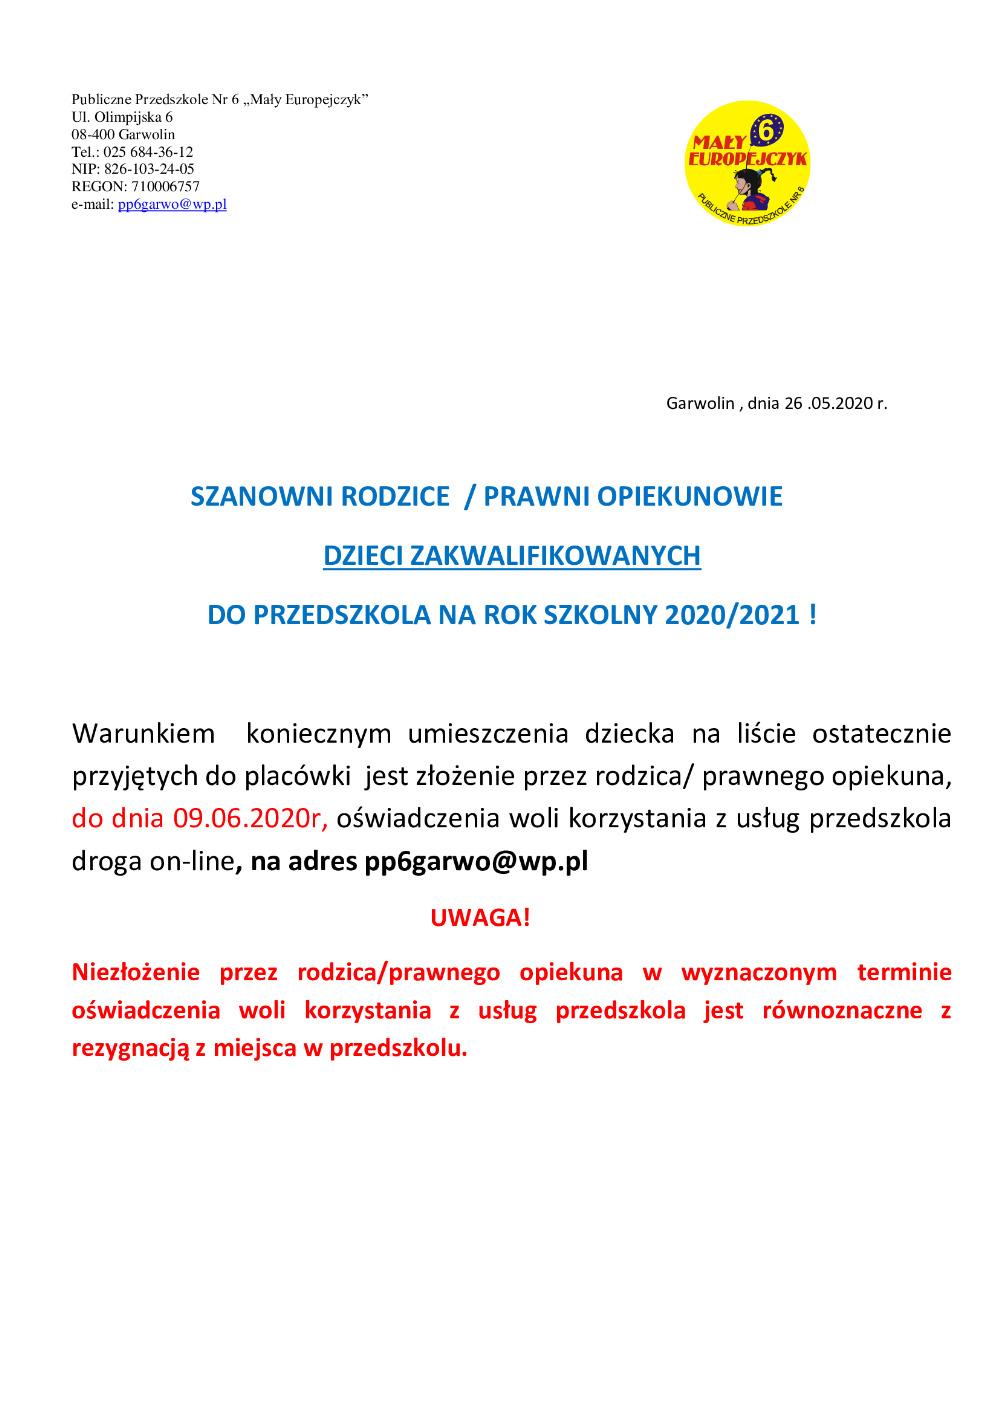 Rekrutacja uzupełniająca - Informacja